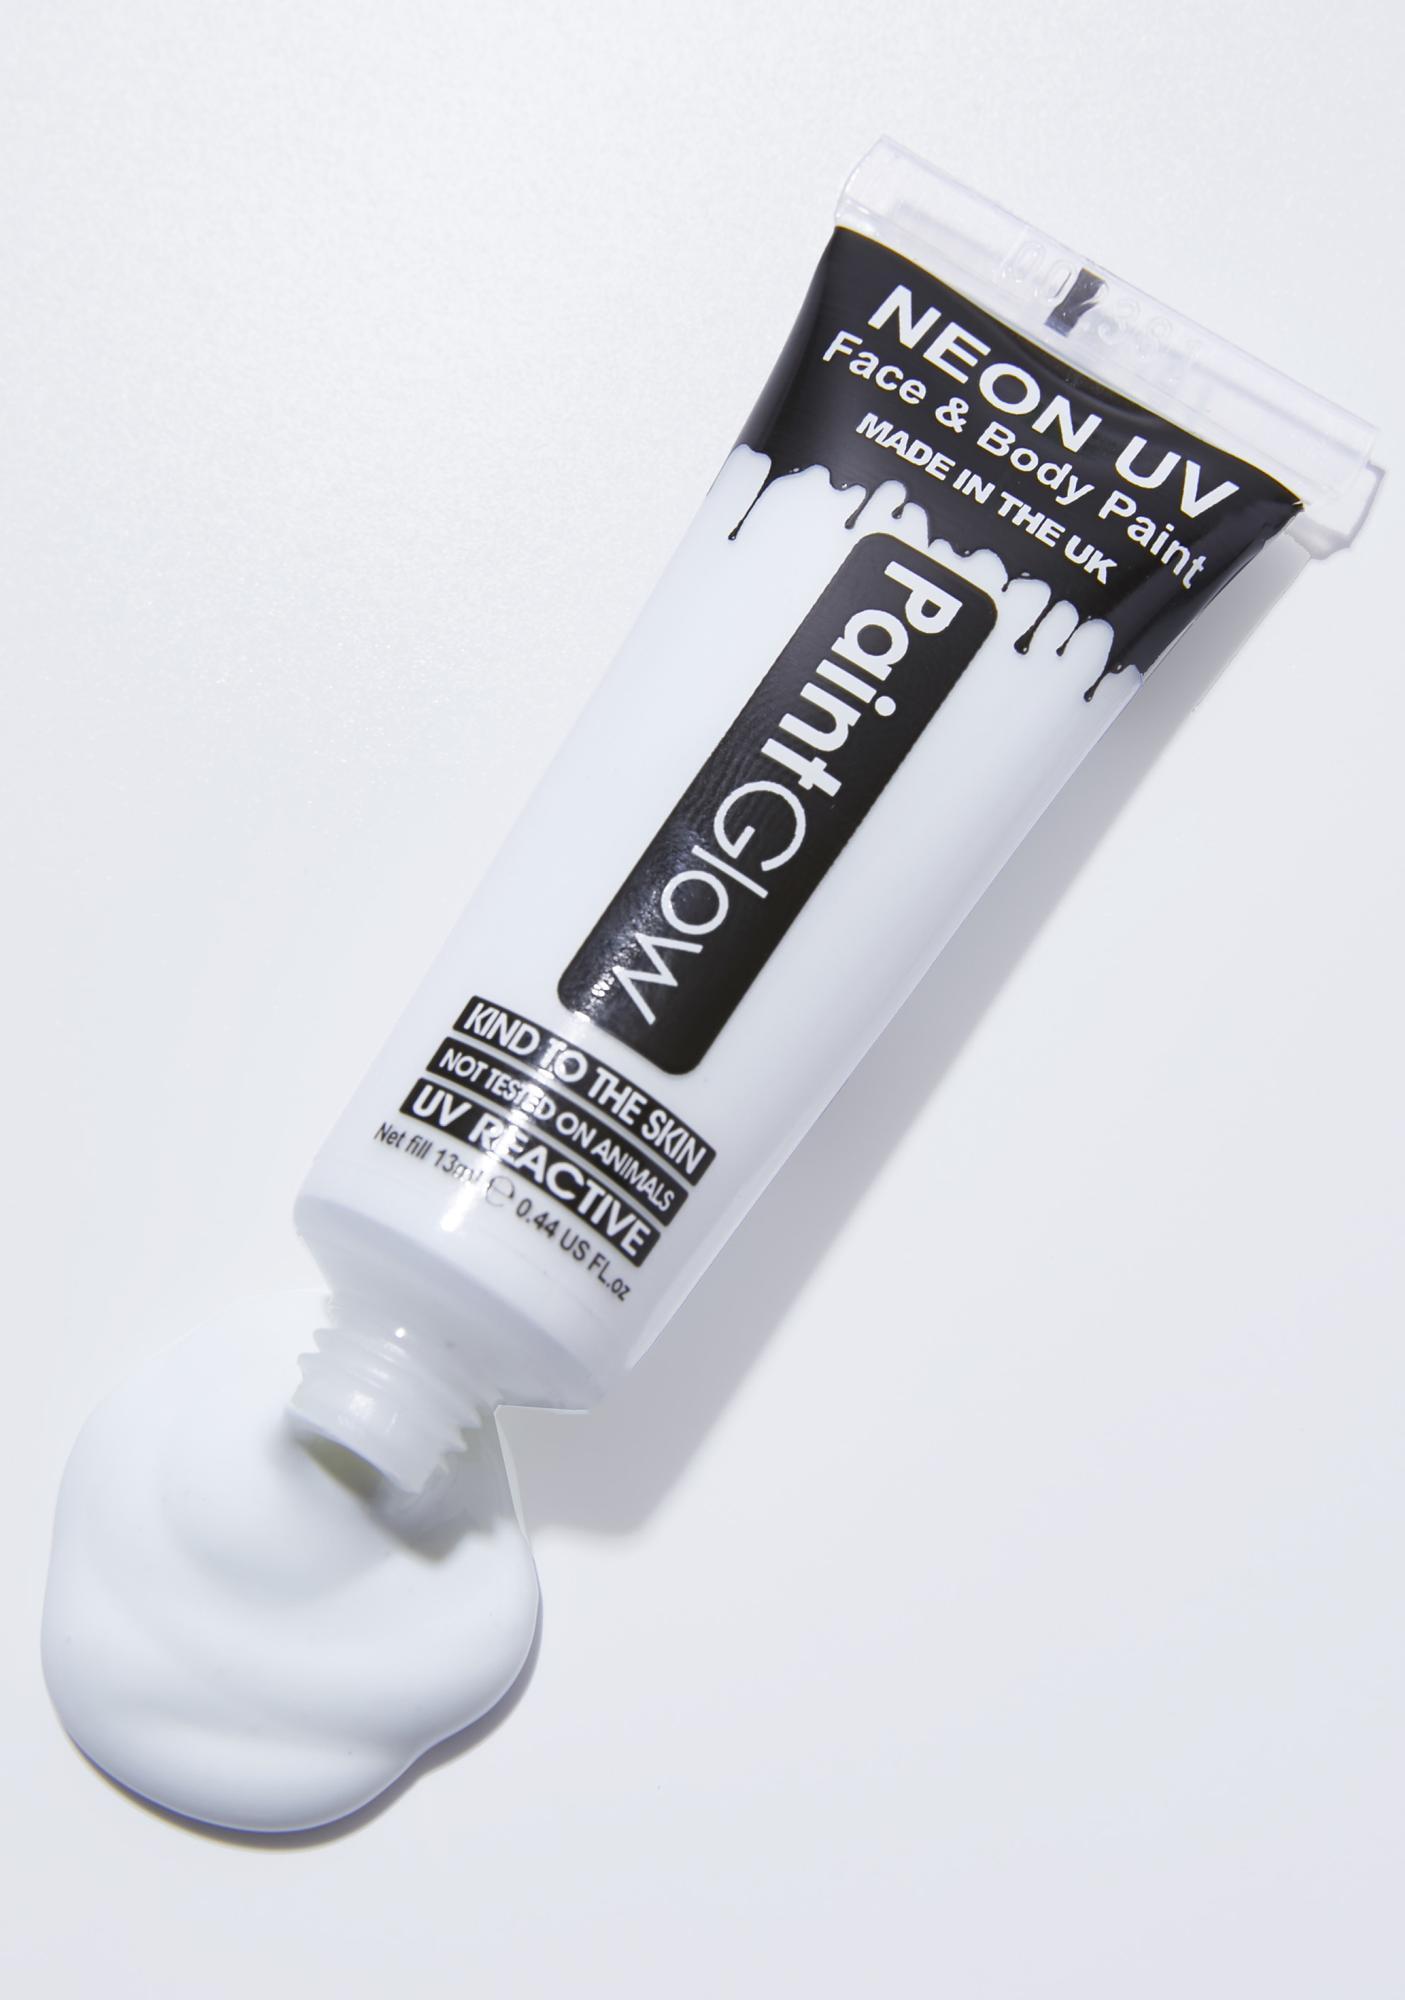 Intense White Rave On UV Face N' Body Paint